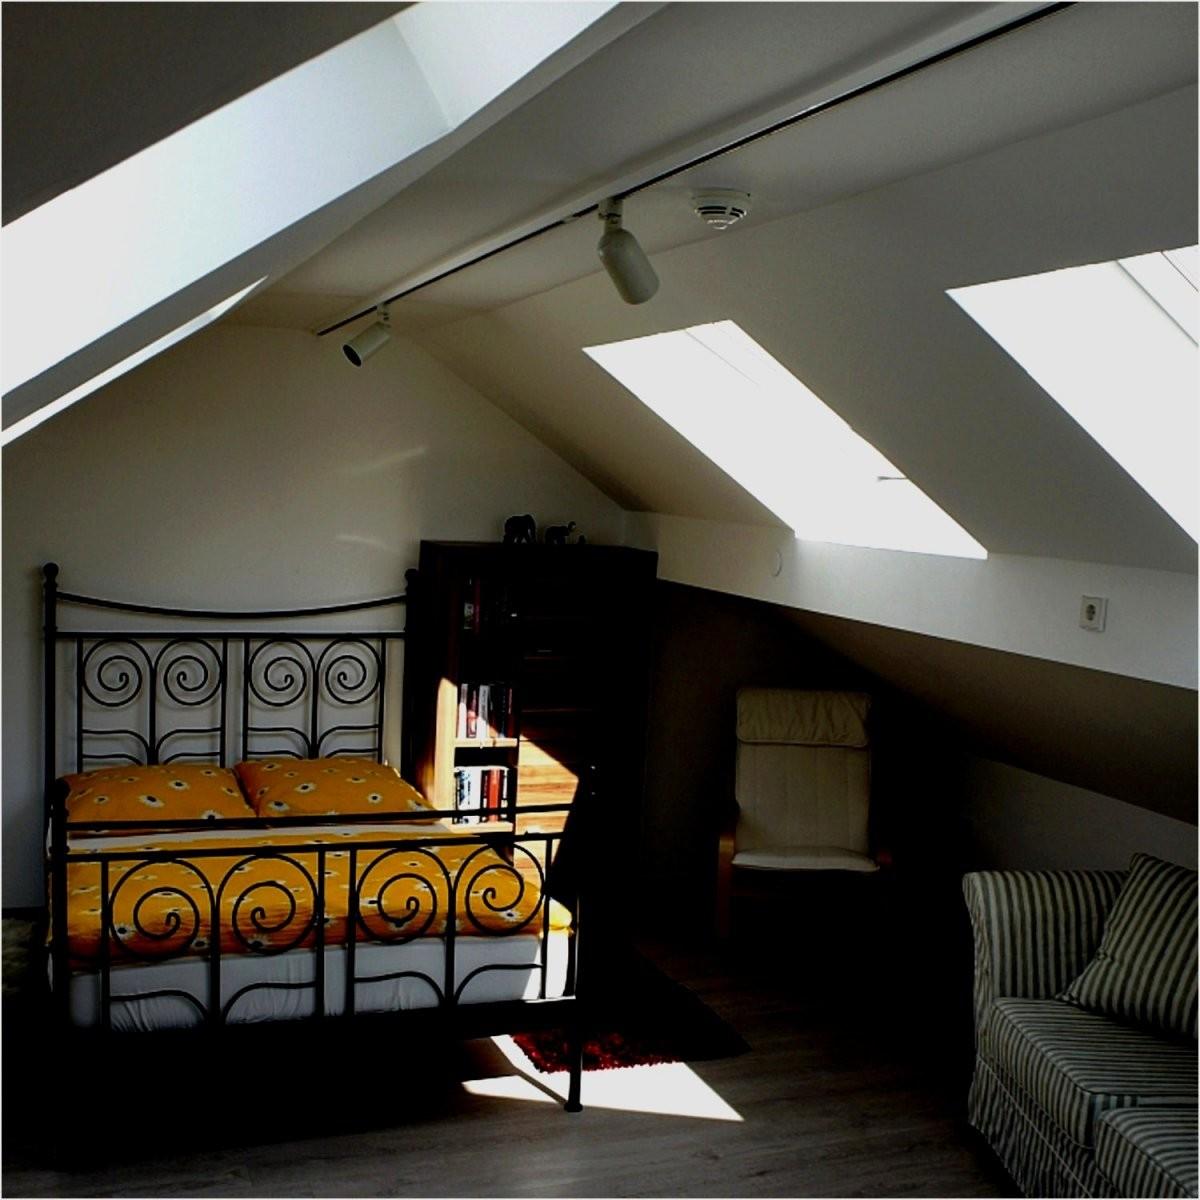 Wohnkultur Wohnungen In München Provisionsfrei Neueste Mnchen Muster von 2 Zimmer Wohnung Mieten München Provisionsfrei Bild